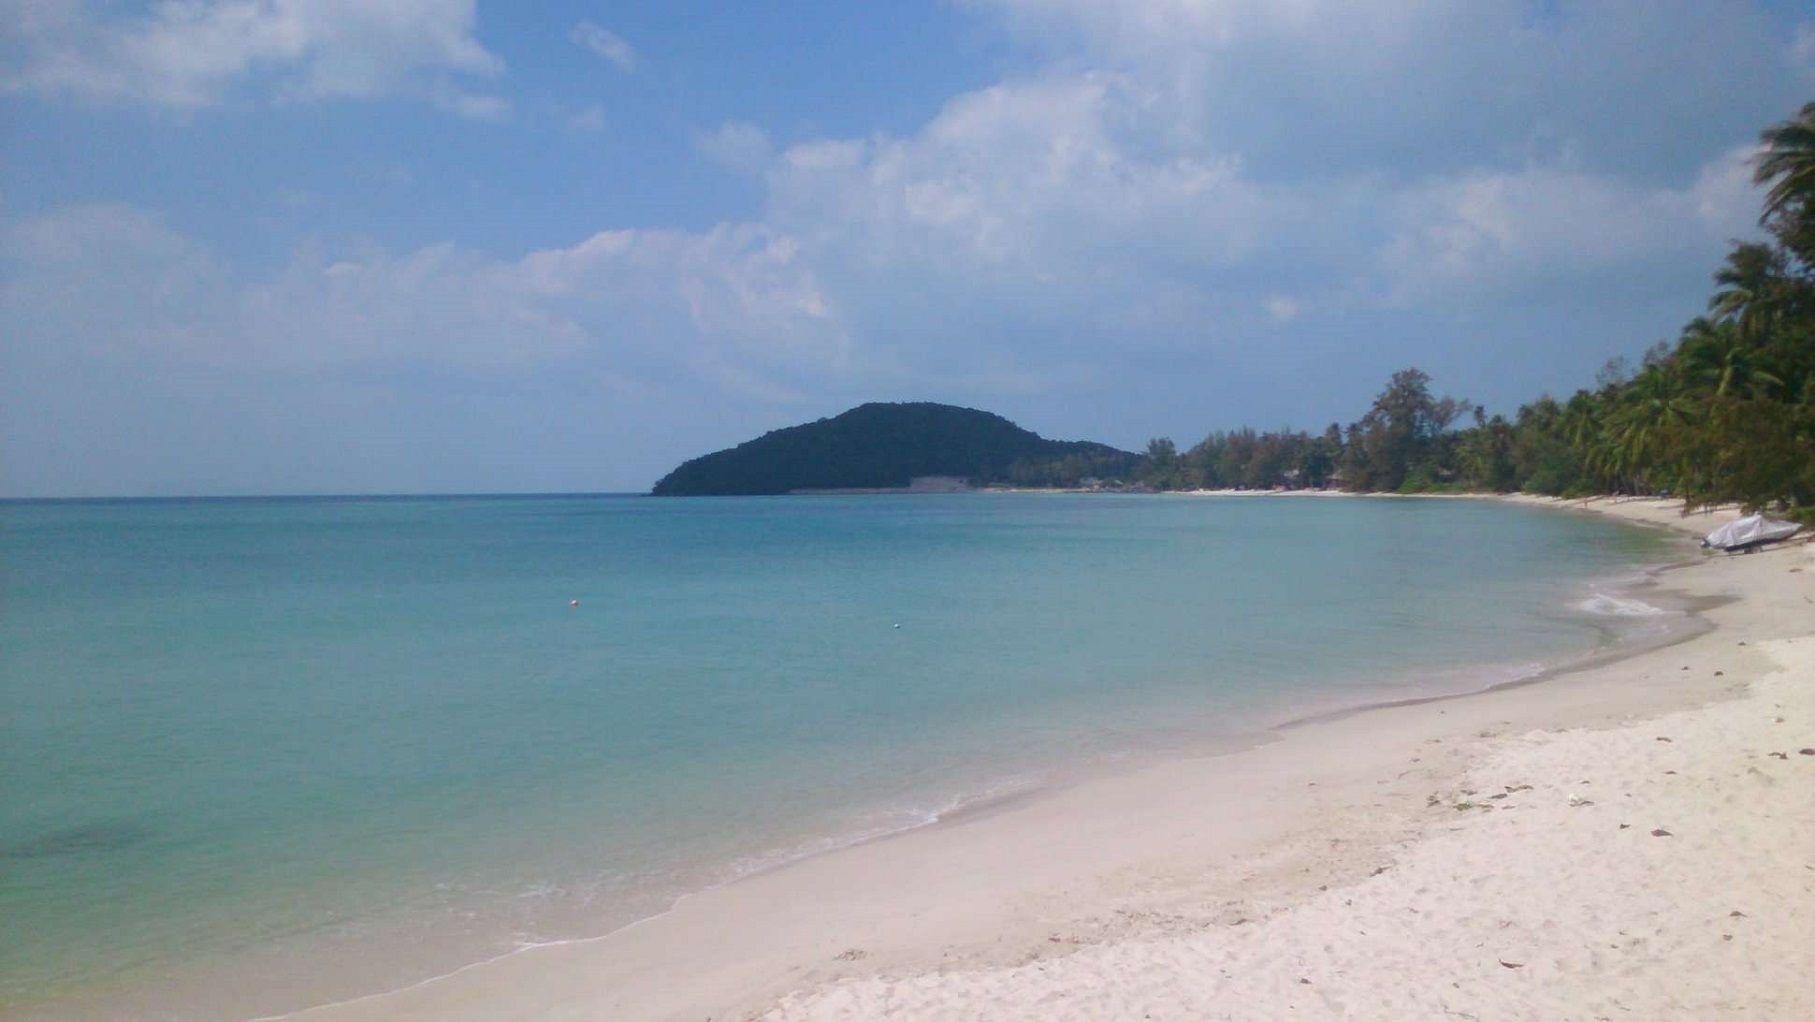 Besten dating-sites vancouver island